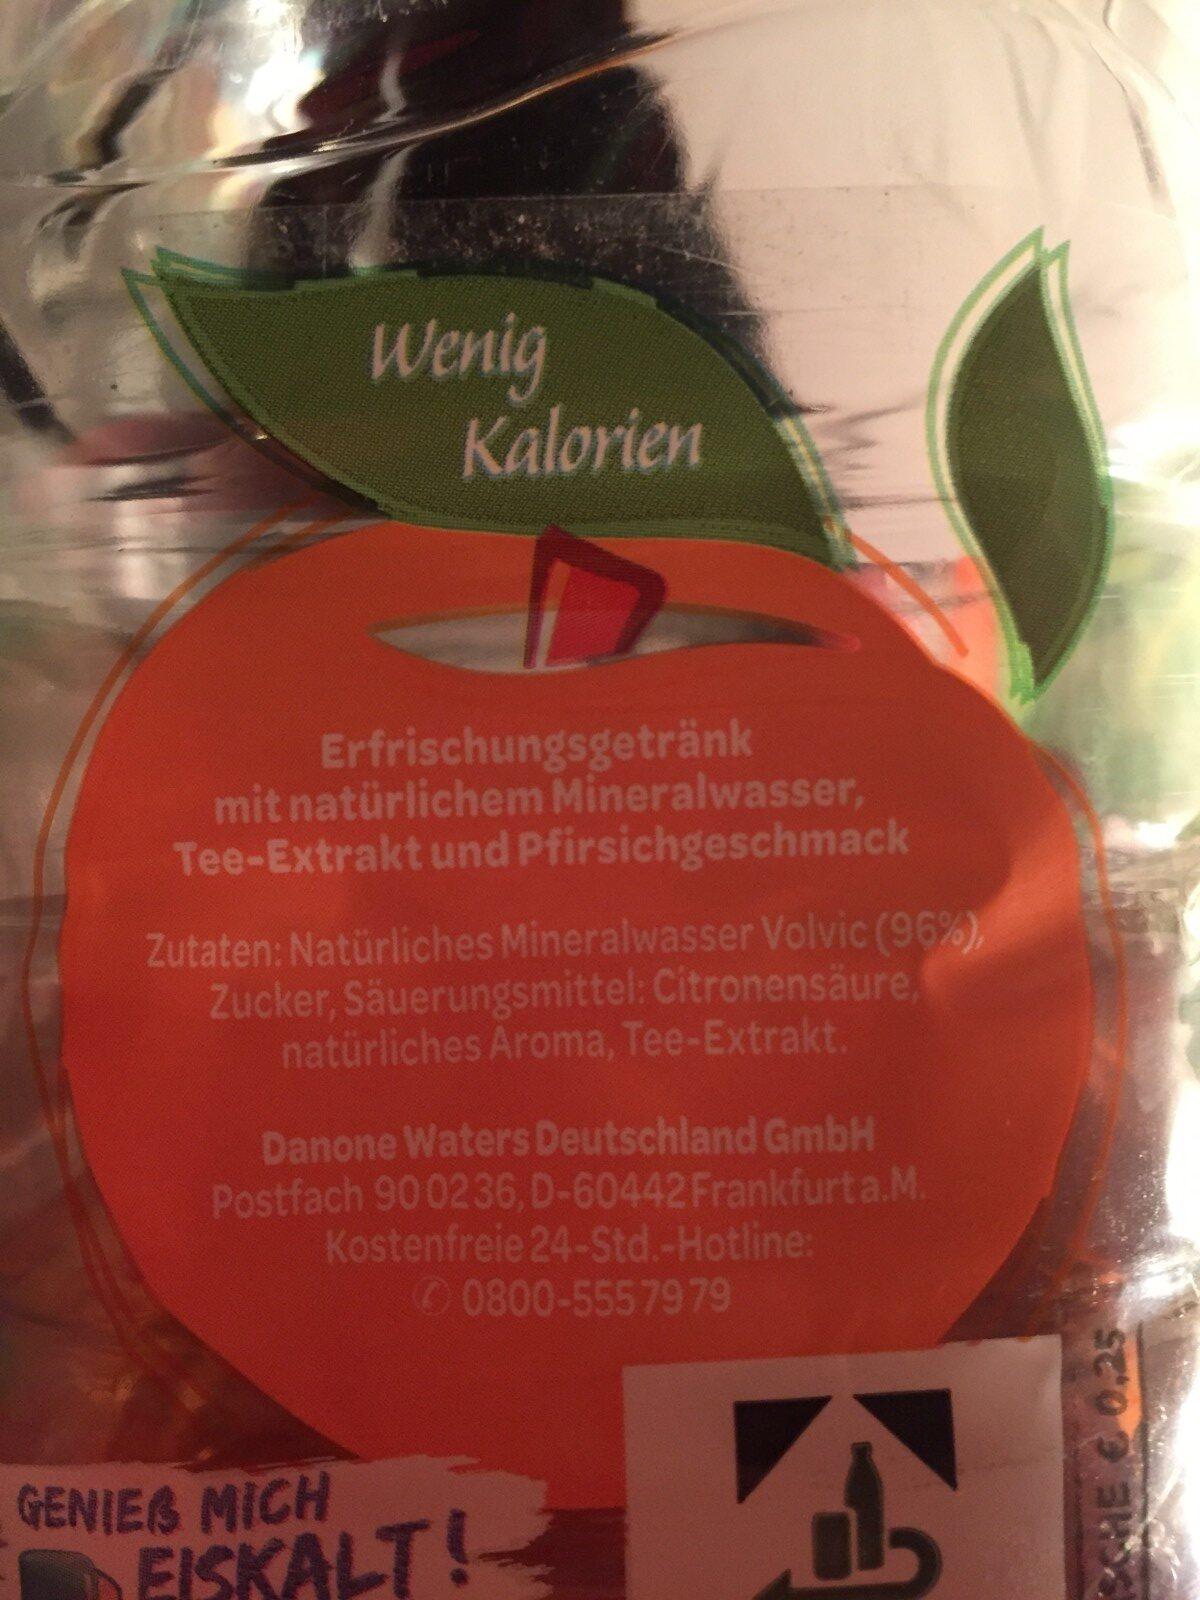 Erfrischungegetränk mit natürlichem Mineralwasser, Tee-Extrakt und Pfirsich-Geschmack. - Ingrédients